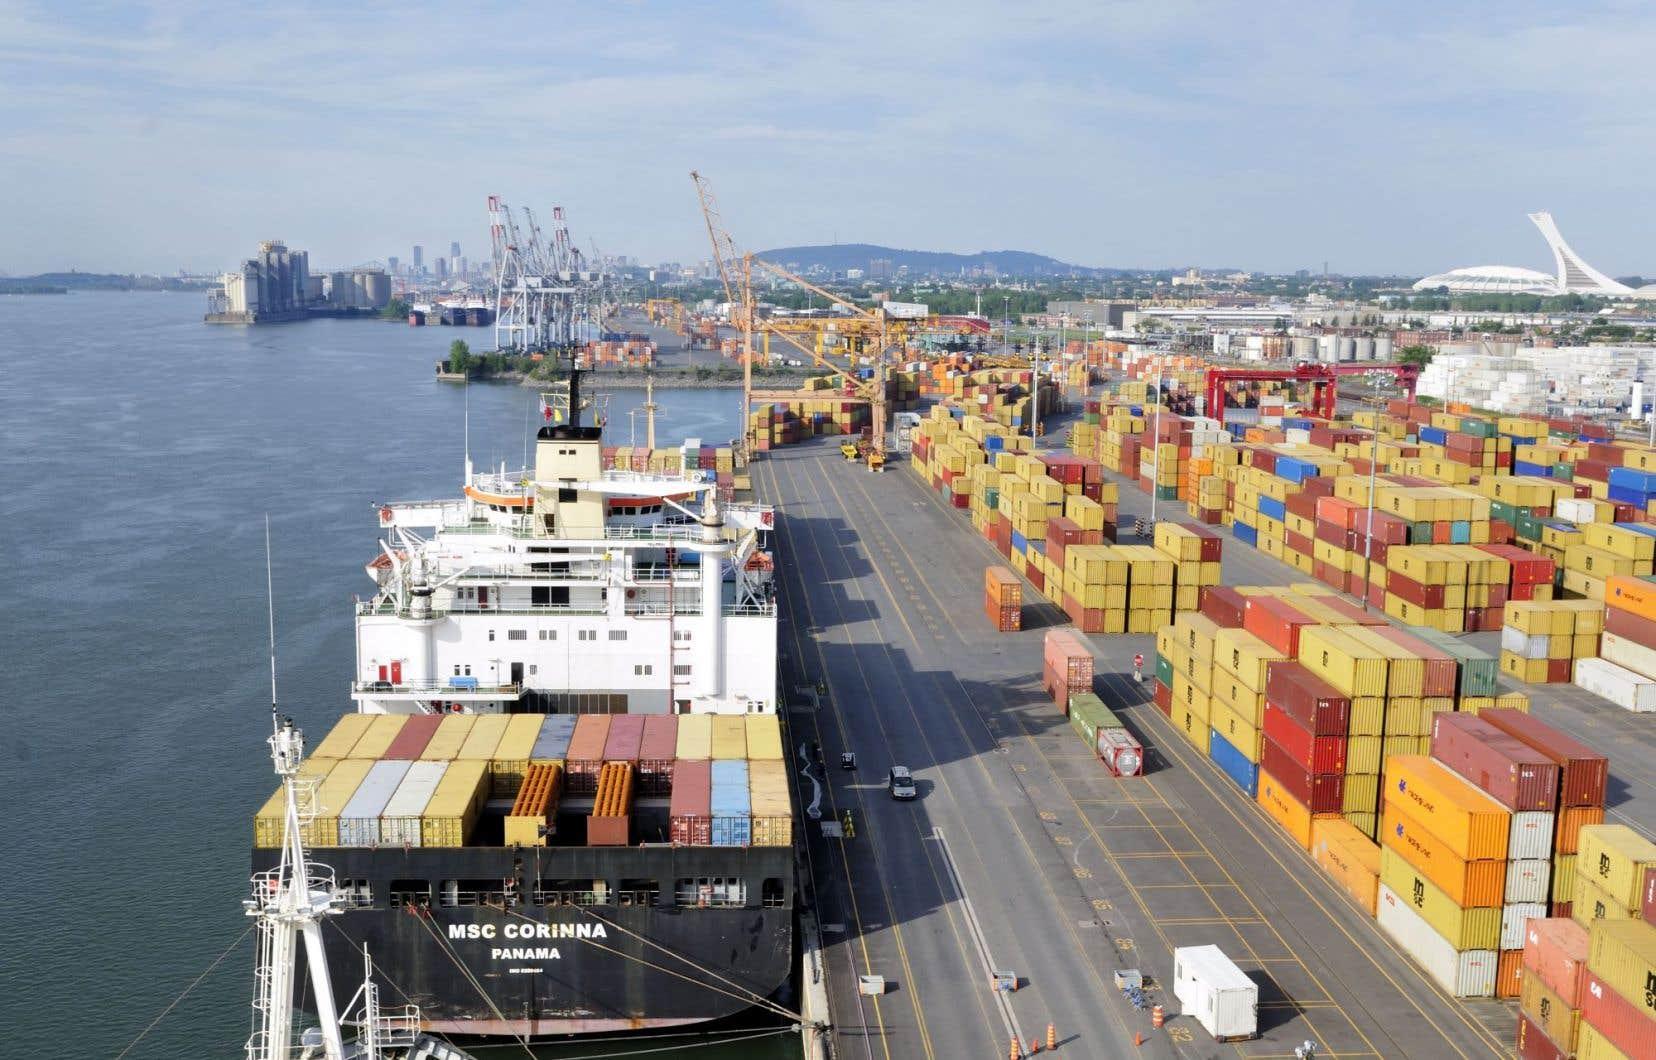 Le groupe chargé d'exploiter le futur terminal Viau, Termont Montréal, promet d'investir 42 millions au cours des deux prochaines années afin d'accroître la capacité de manutention.